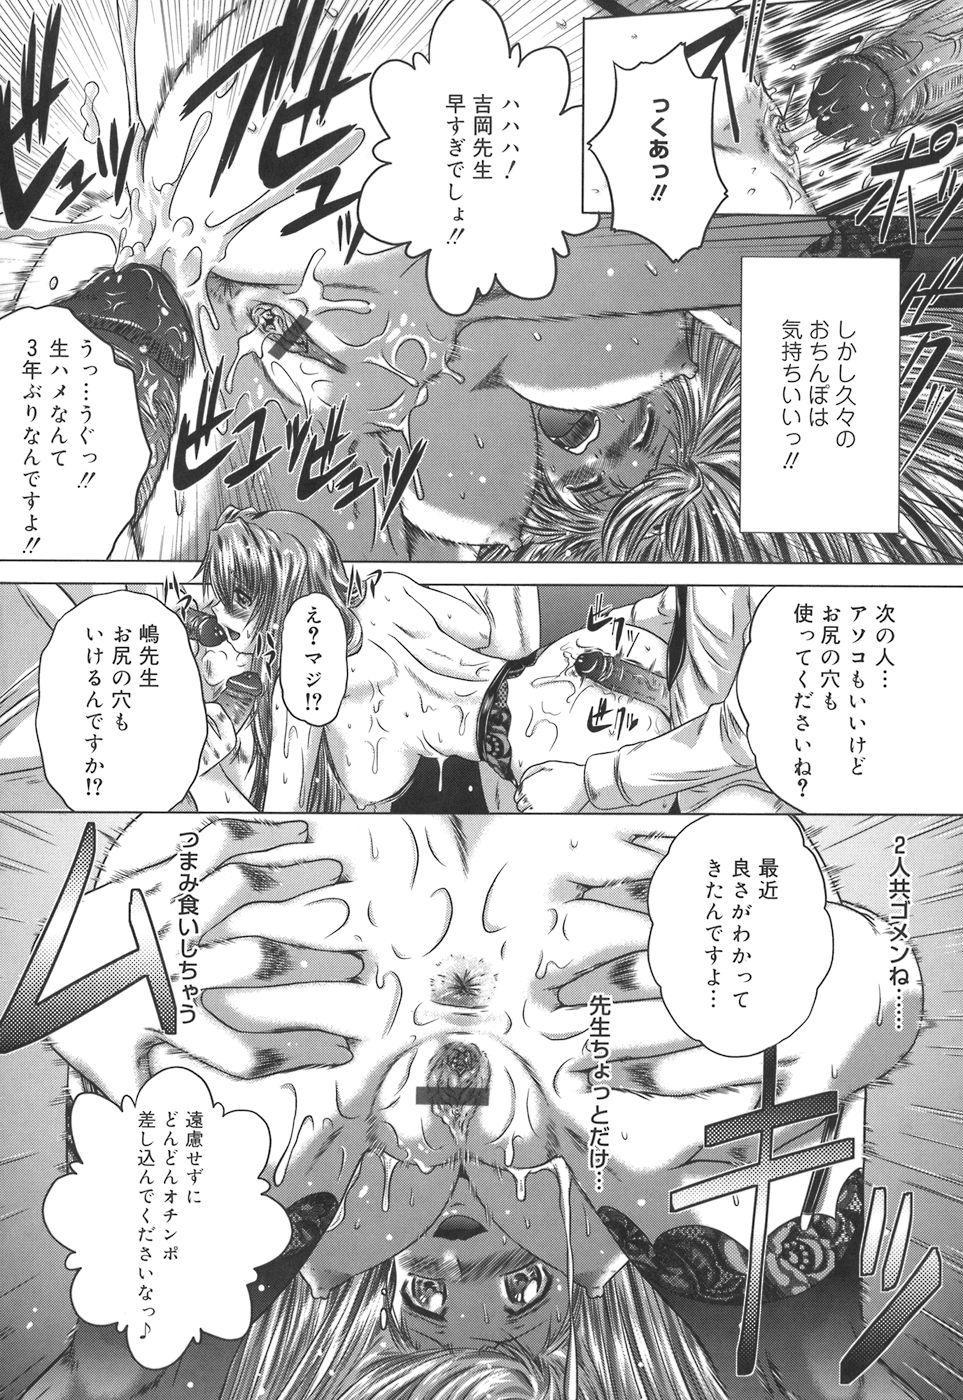 Iroka no Himitsu 54